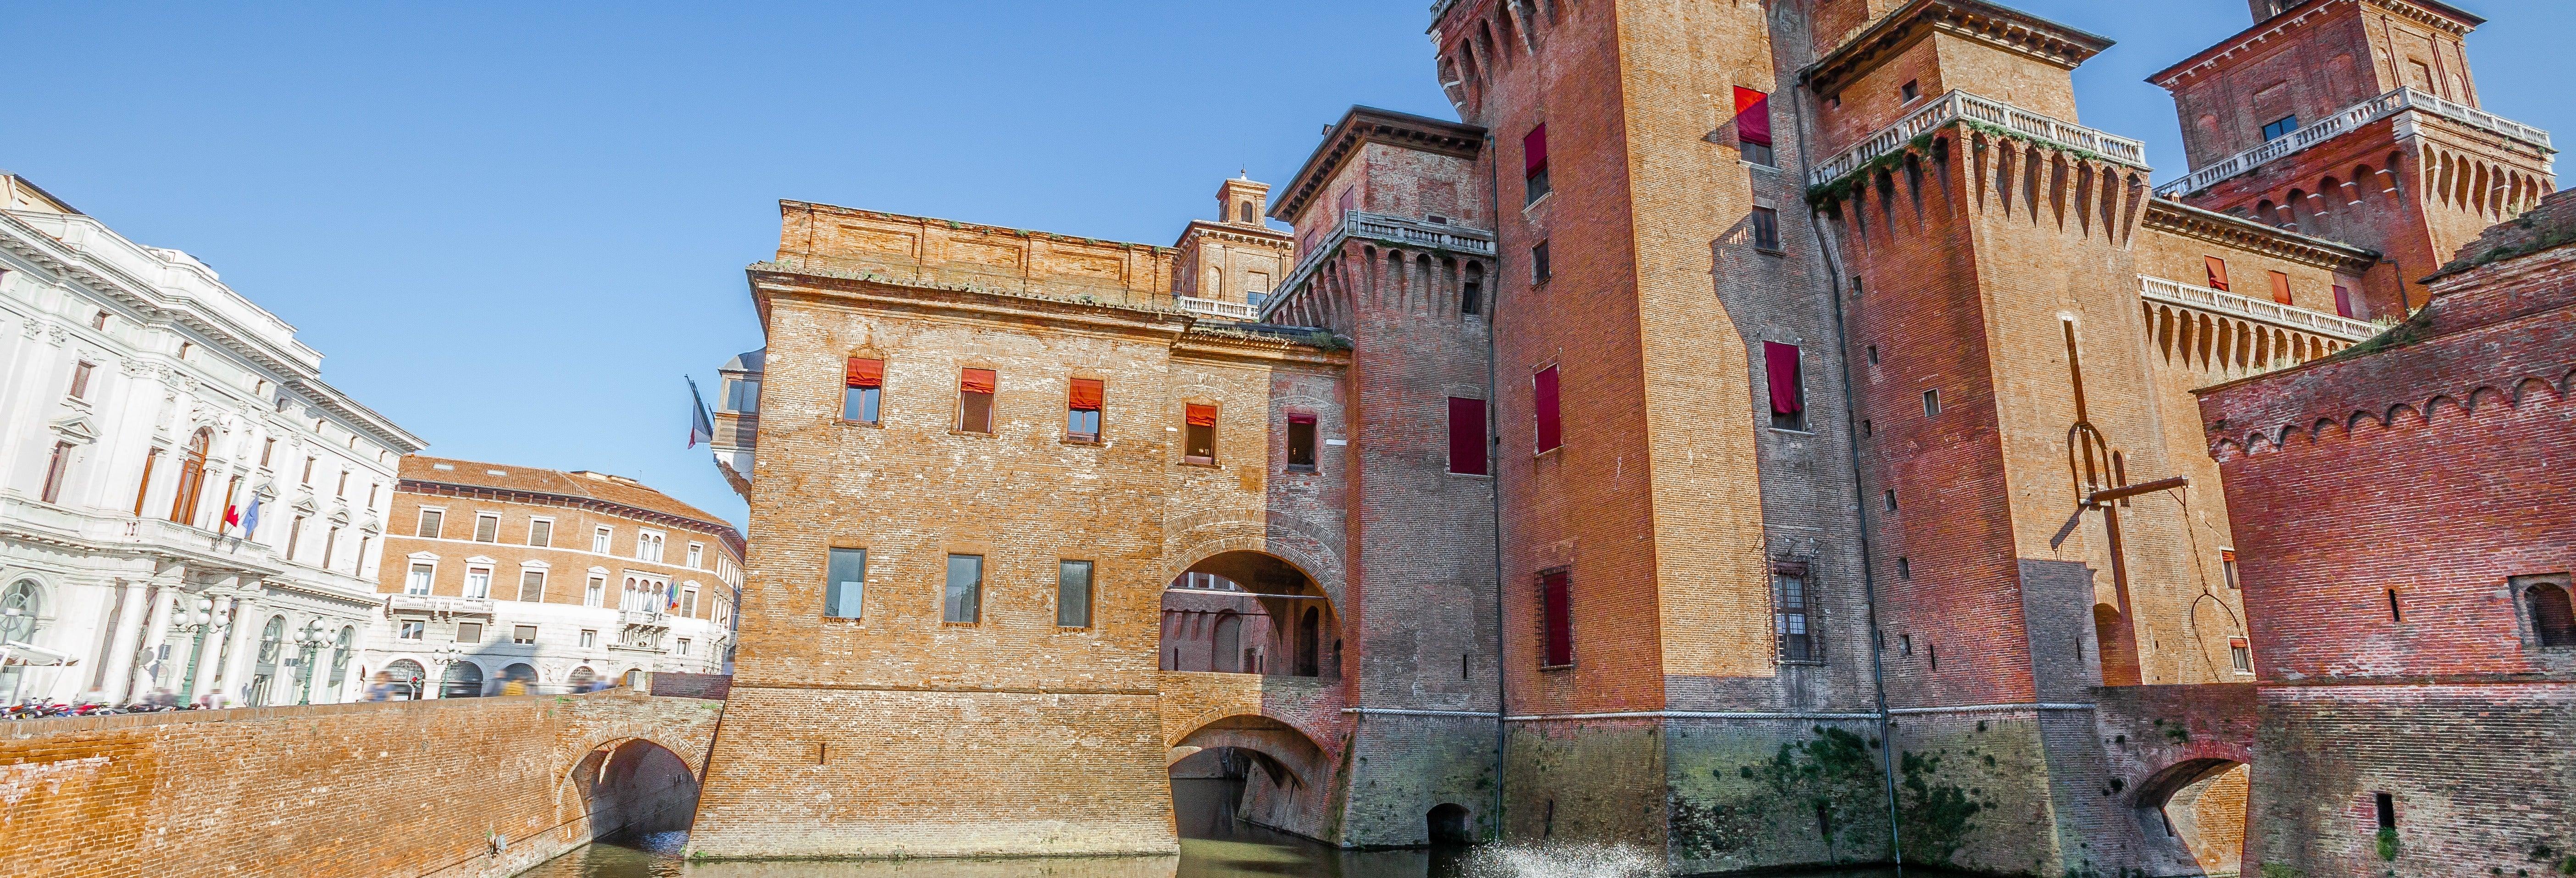 Tour en bicicleta por Ferrara